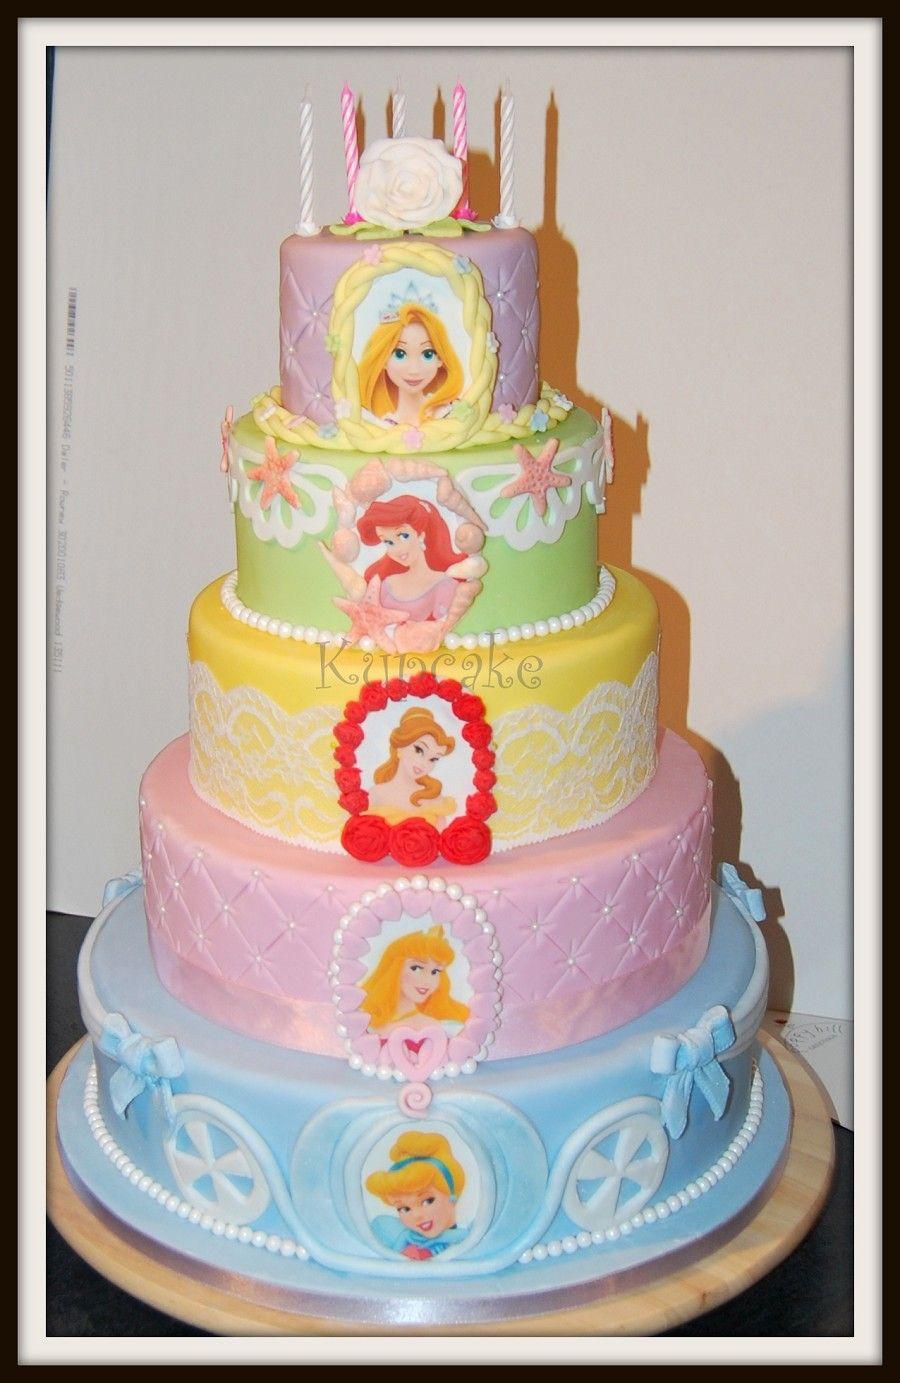 Princess Belle Decorations Disney Princessestoutes Les Princesses Disney Sont Présentes Sur